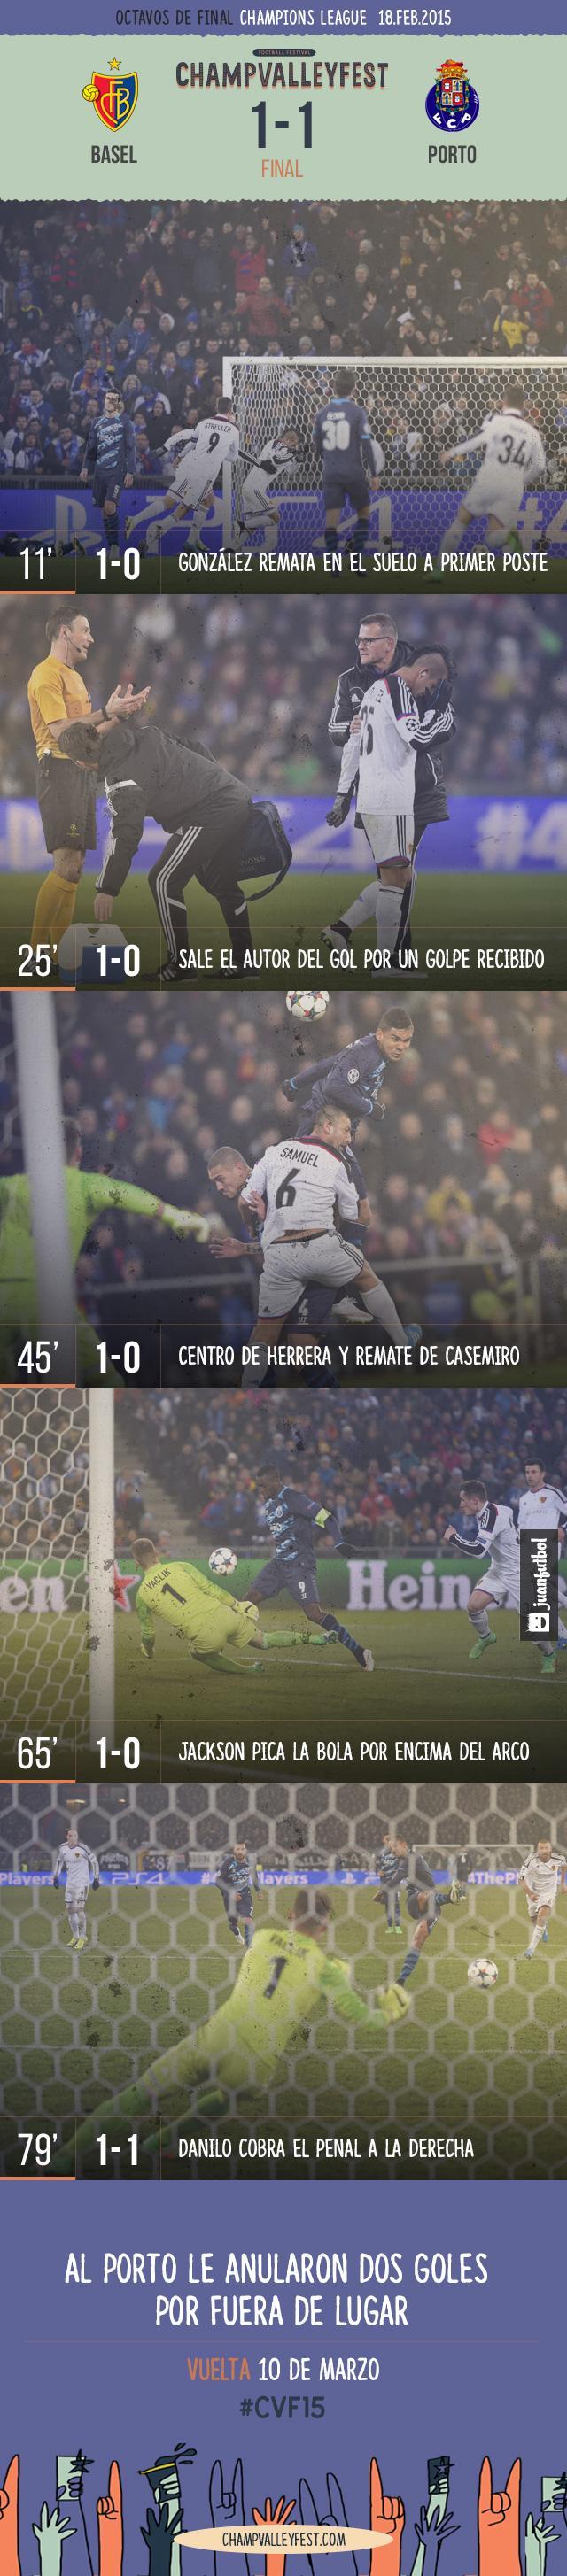 Basel 1-1 Porto